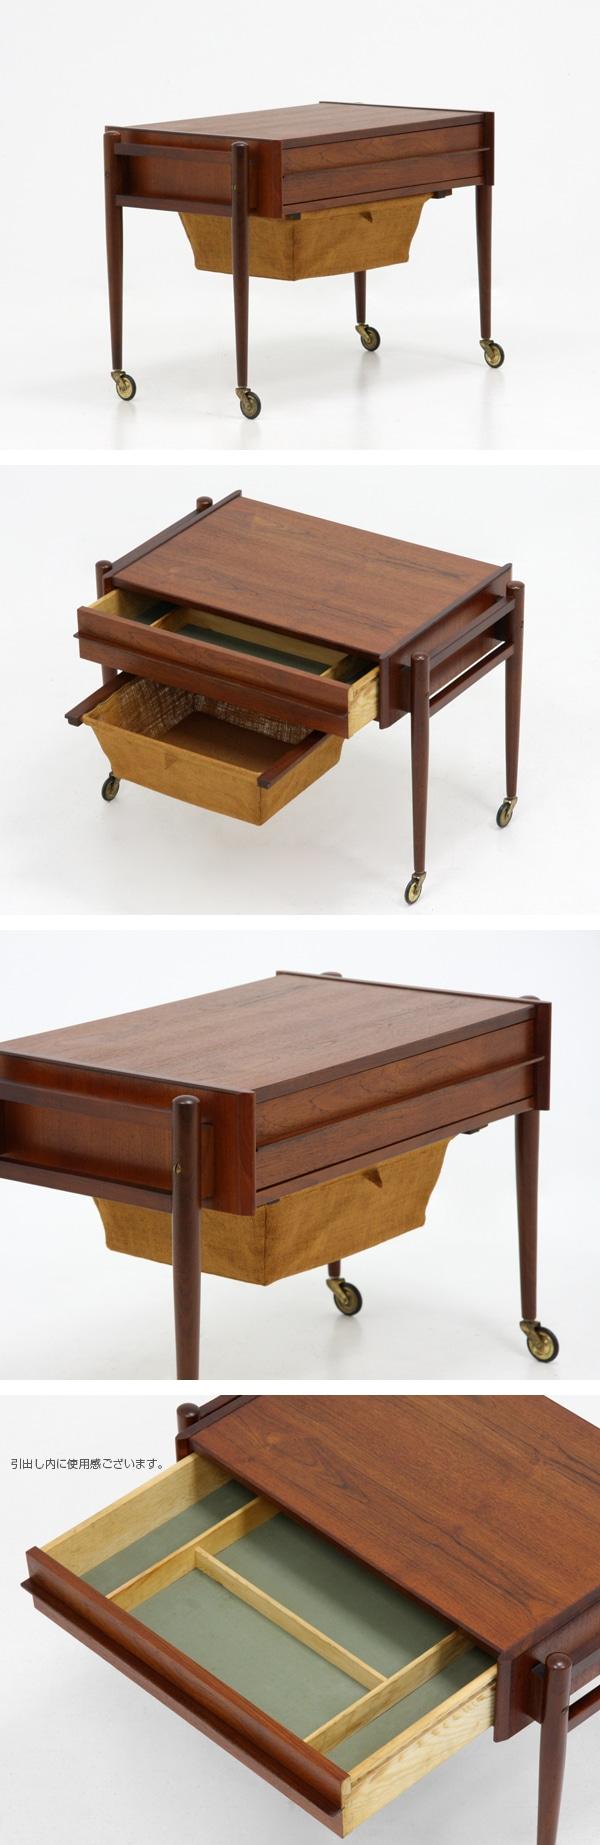 北欧ヴィンテージ家具,ソーイングテーブル,サイドテーブル,チーク材,中古,革かご,デンマーク,飾り棚,関西